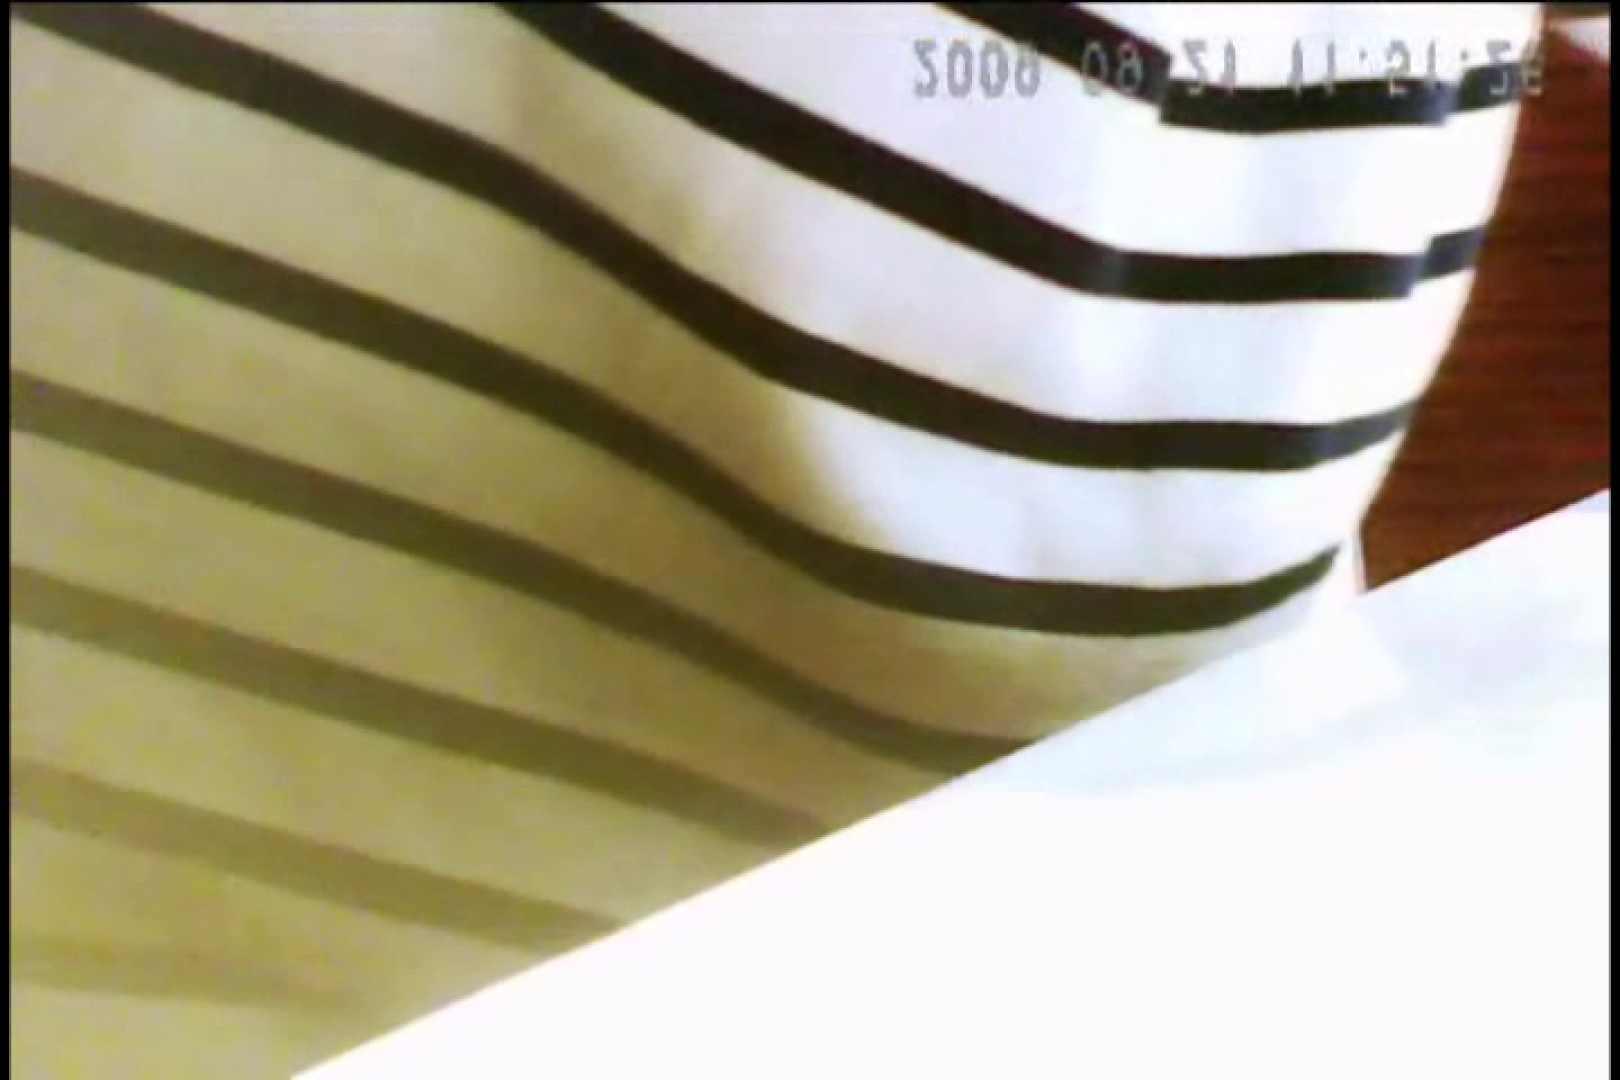 亀さんかわや VIPバージョン! vol.21 OLエロ画像 盗撮動画紹介 101PICs 14